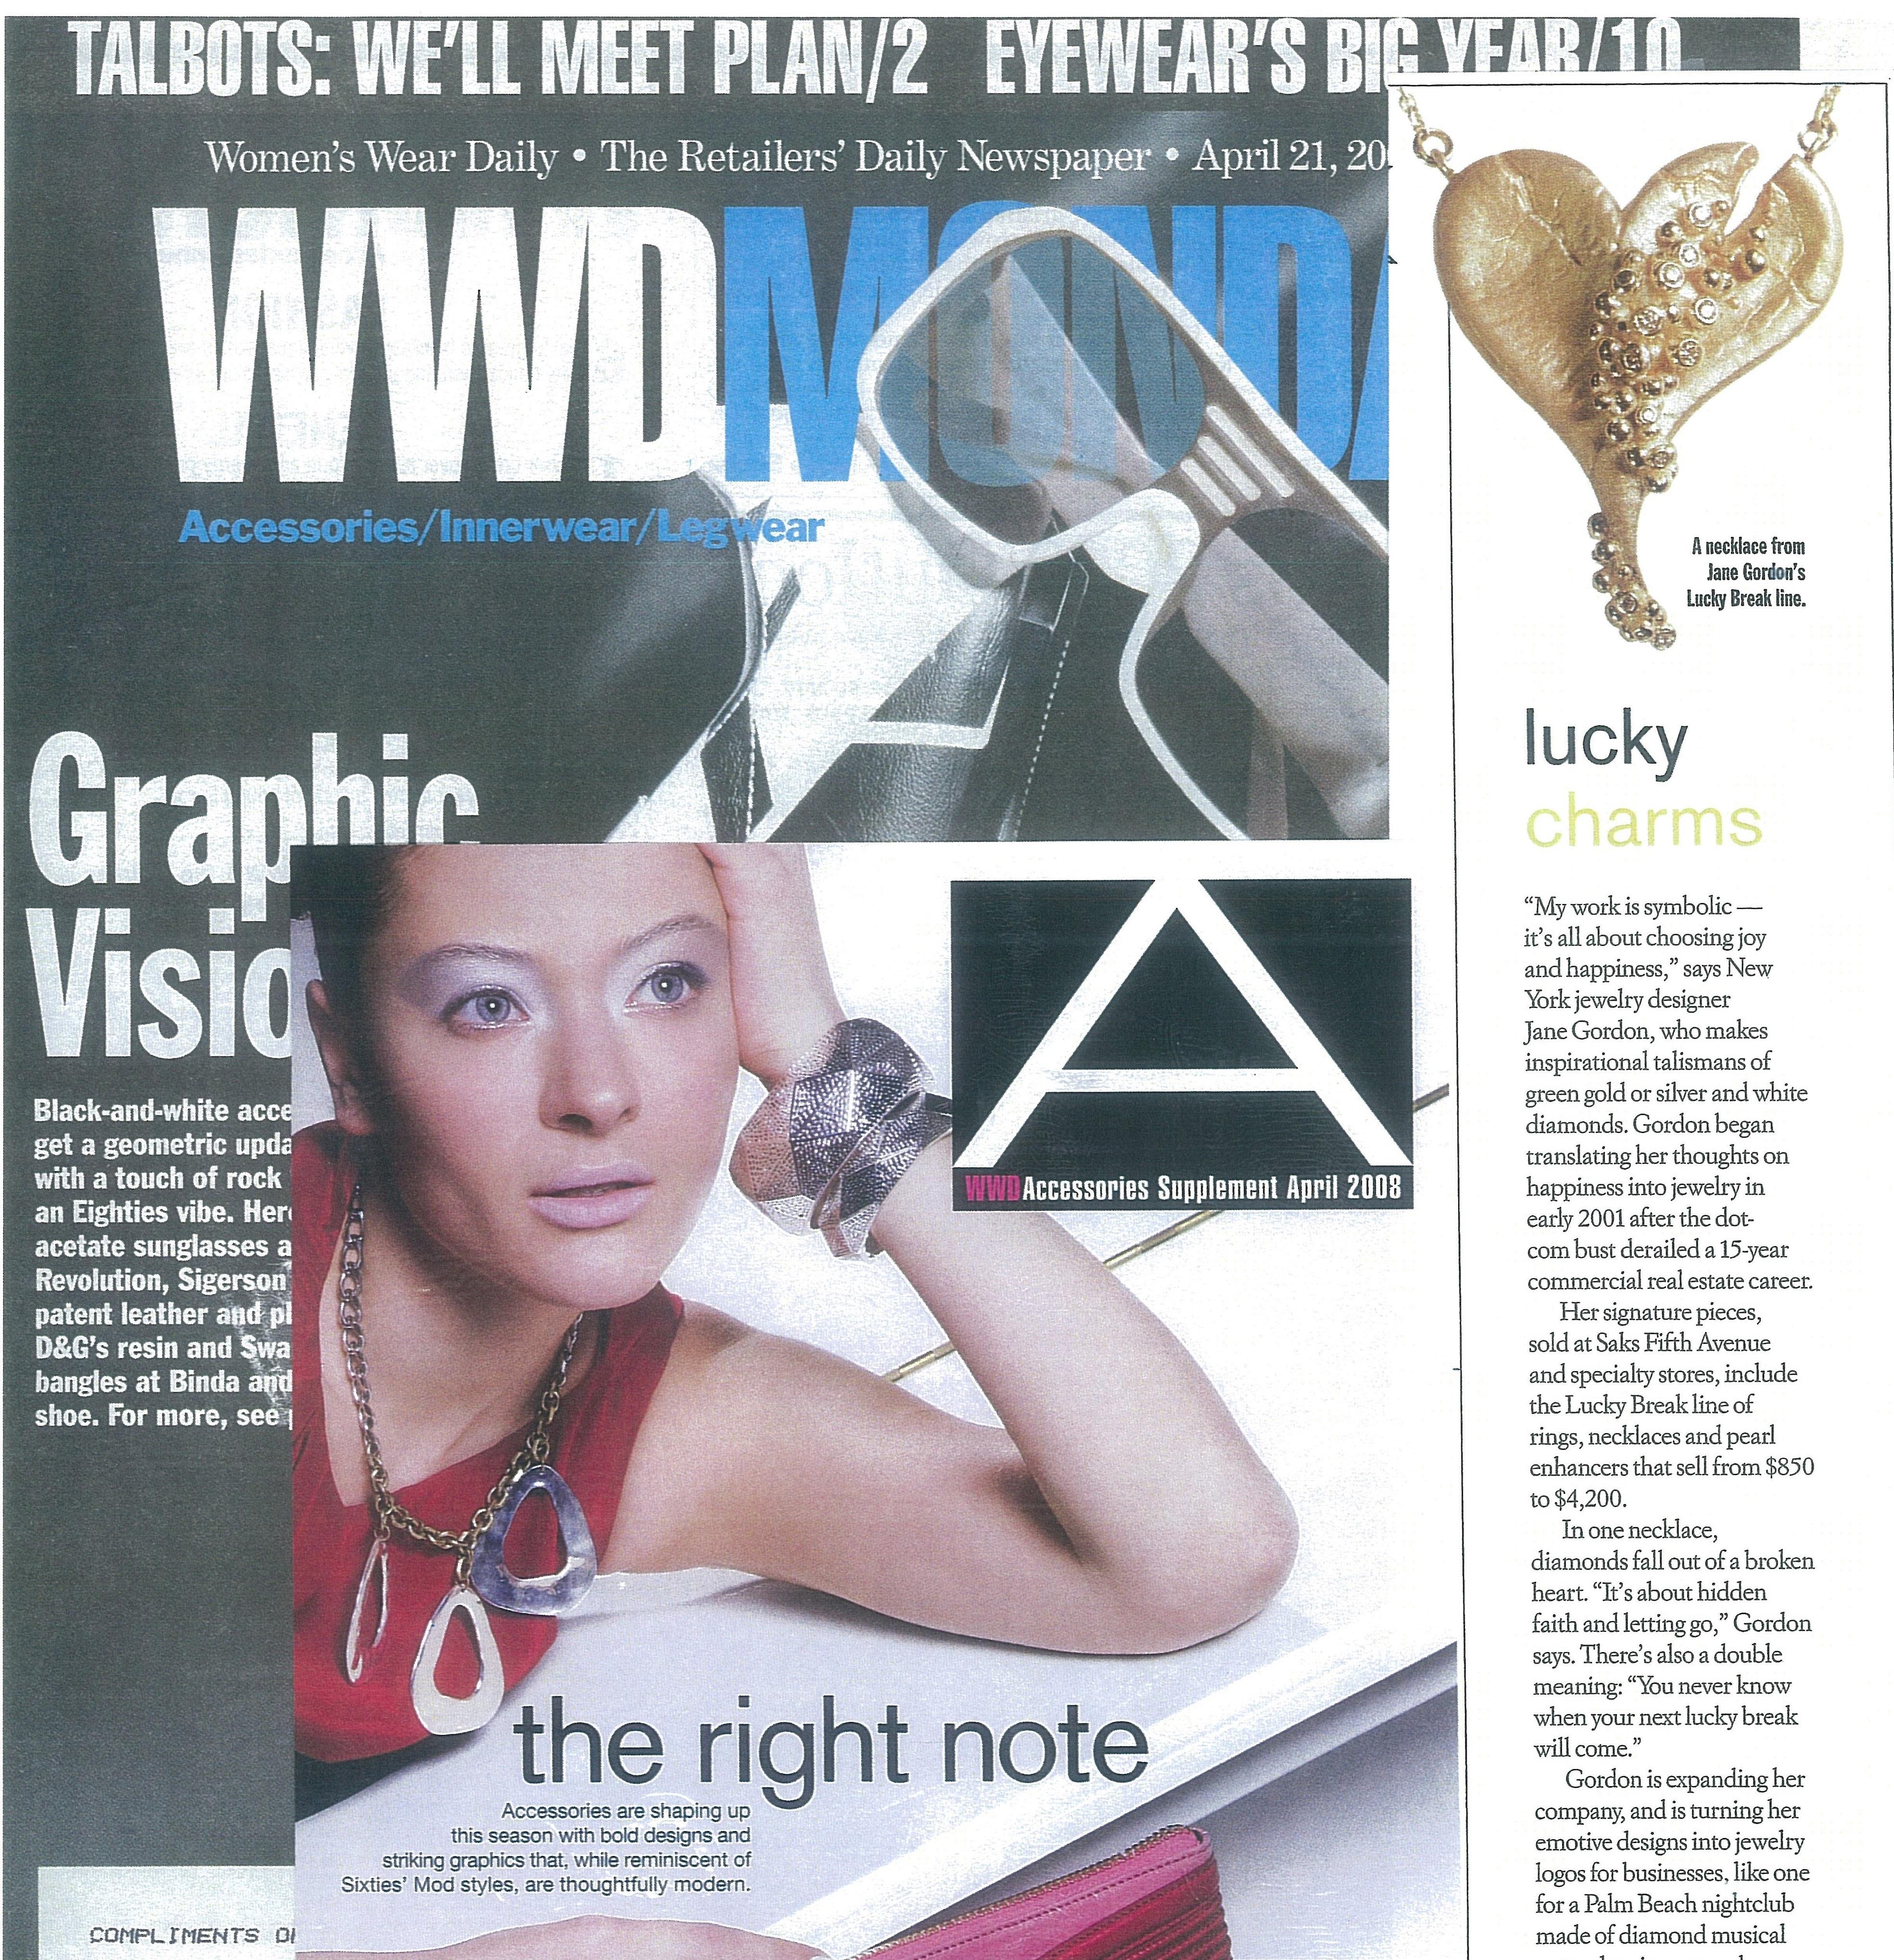 wwd-women-s-wear-daily-jane-a-gordon-on-janegordon-com-02.jpg